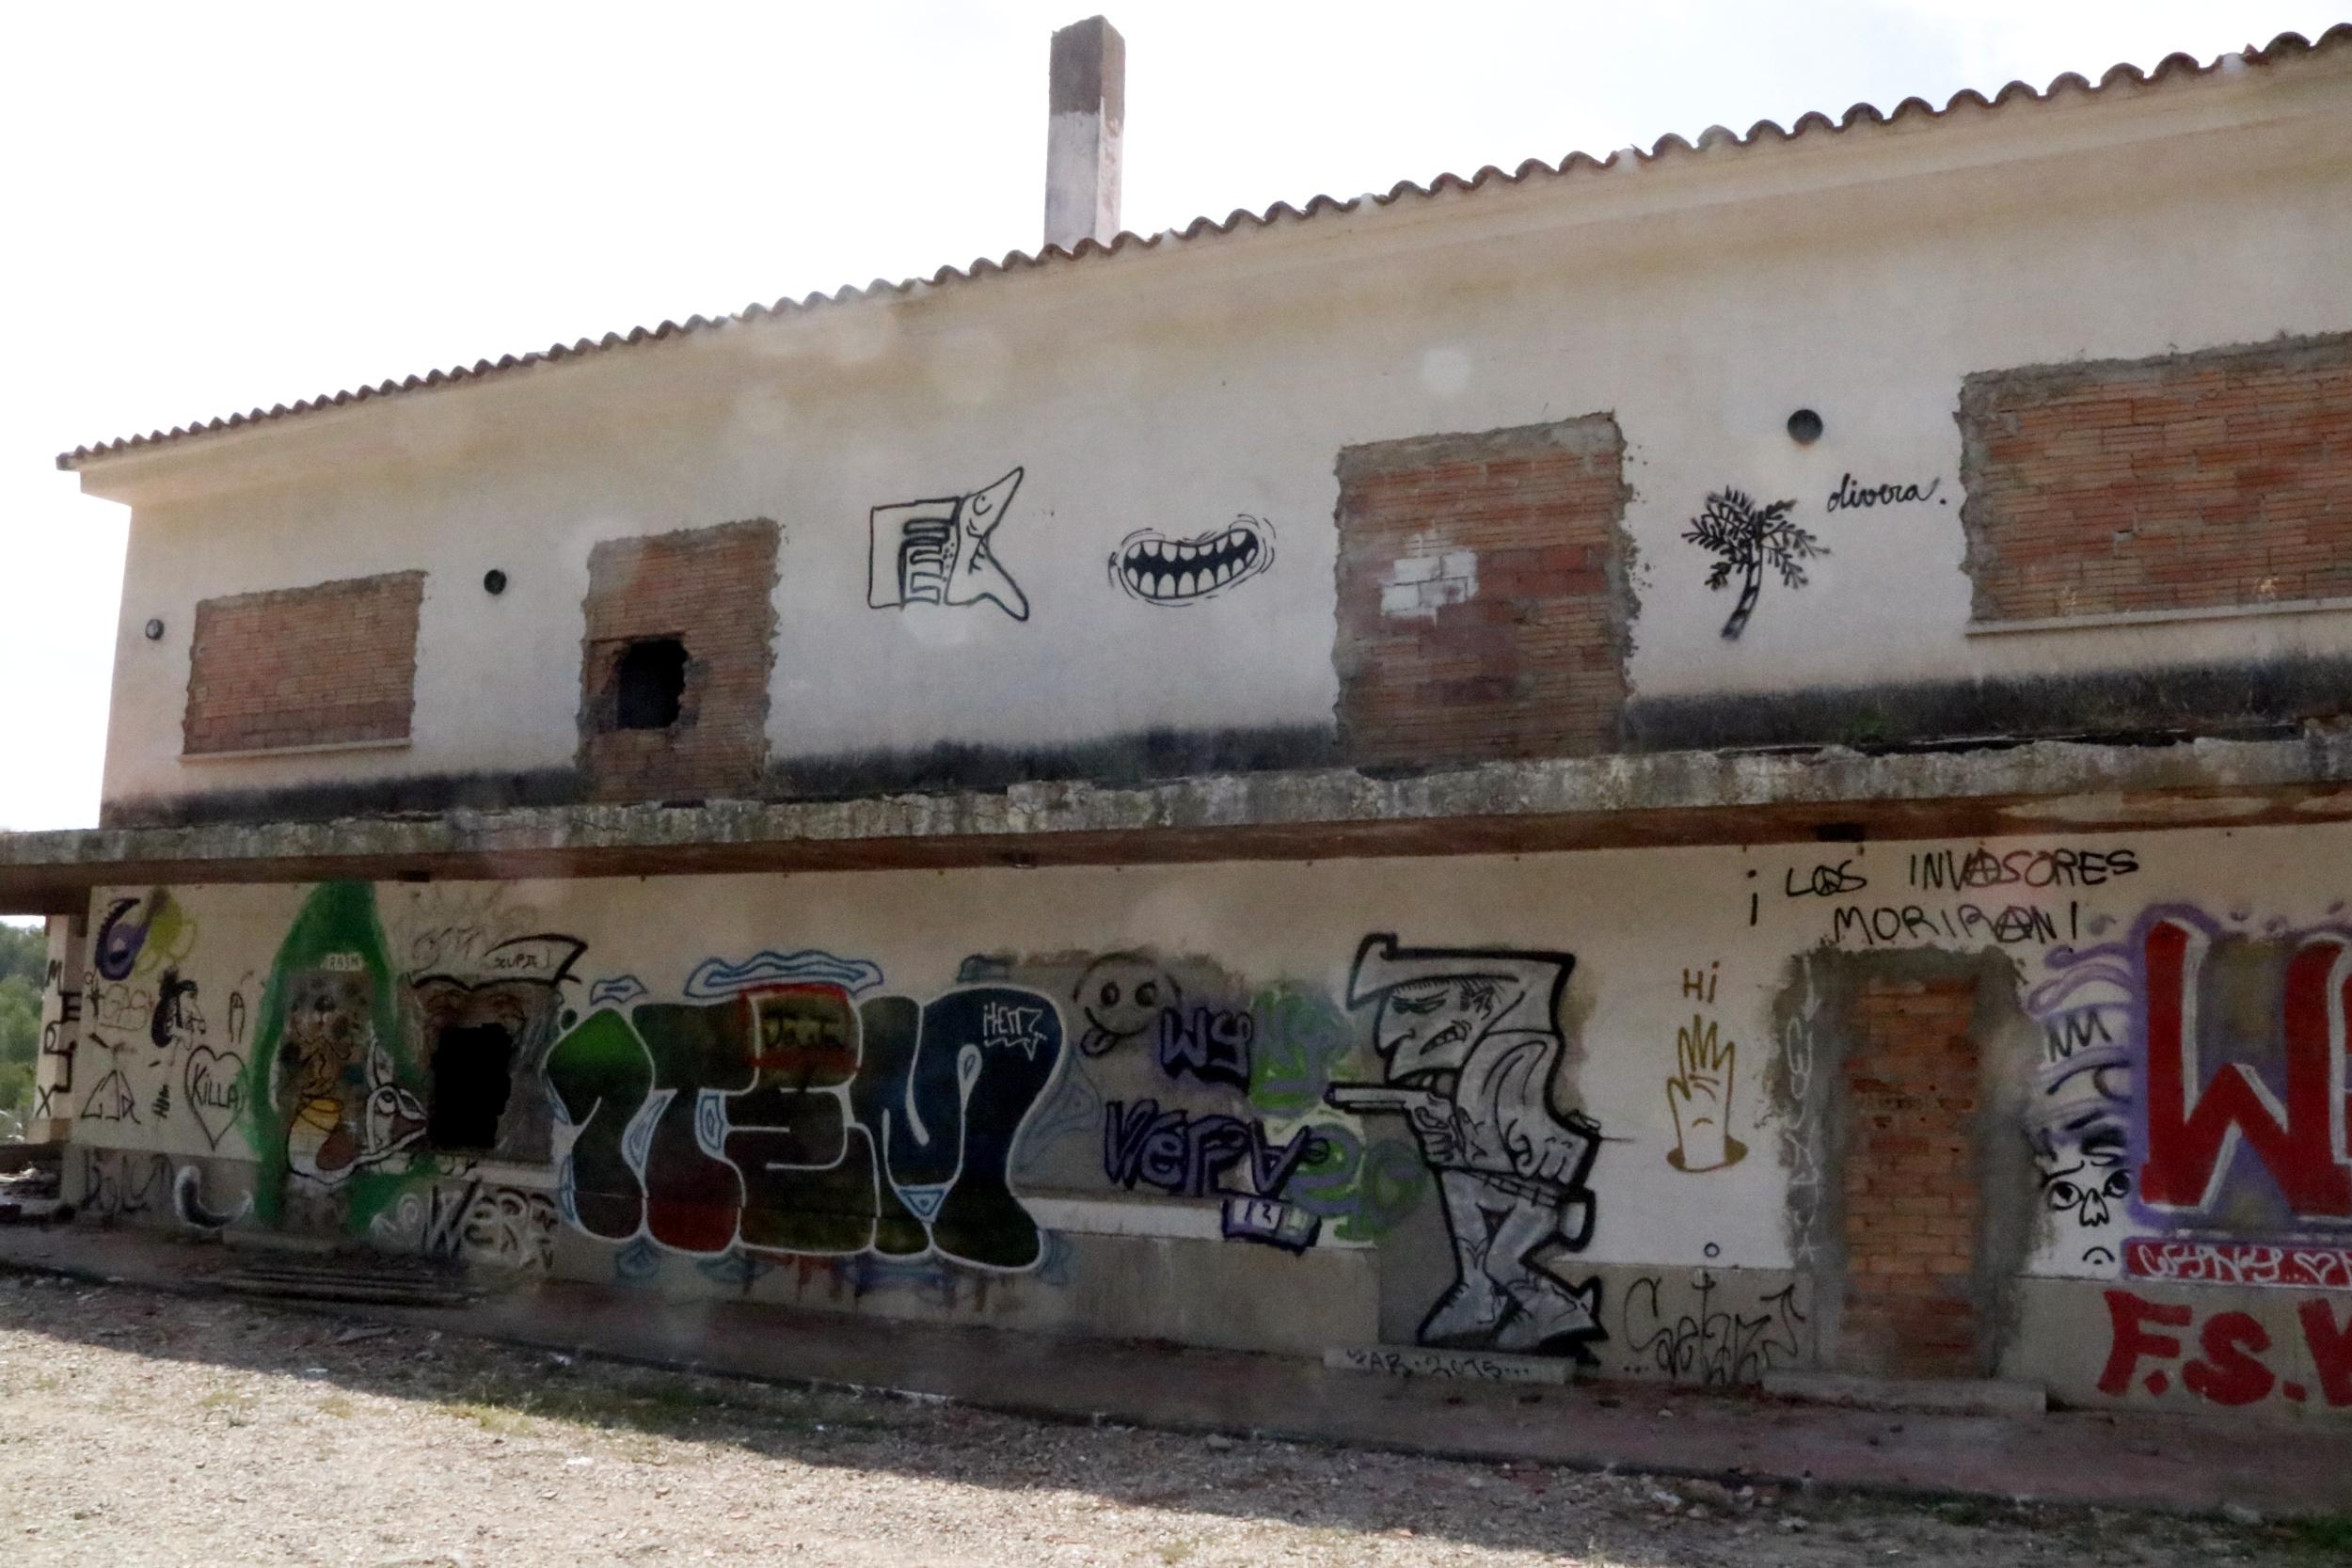 Restaurant abandonat a la urbanització Mar de Riudecanyes